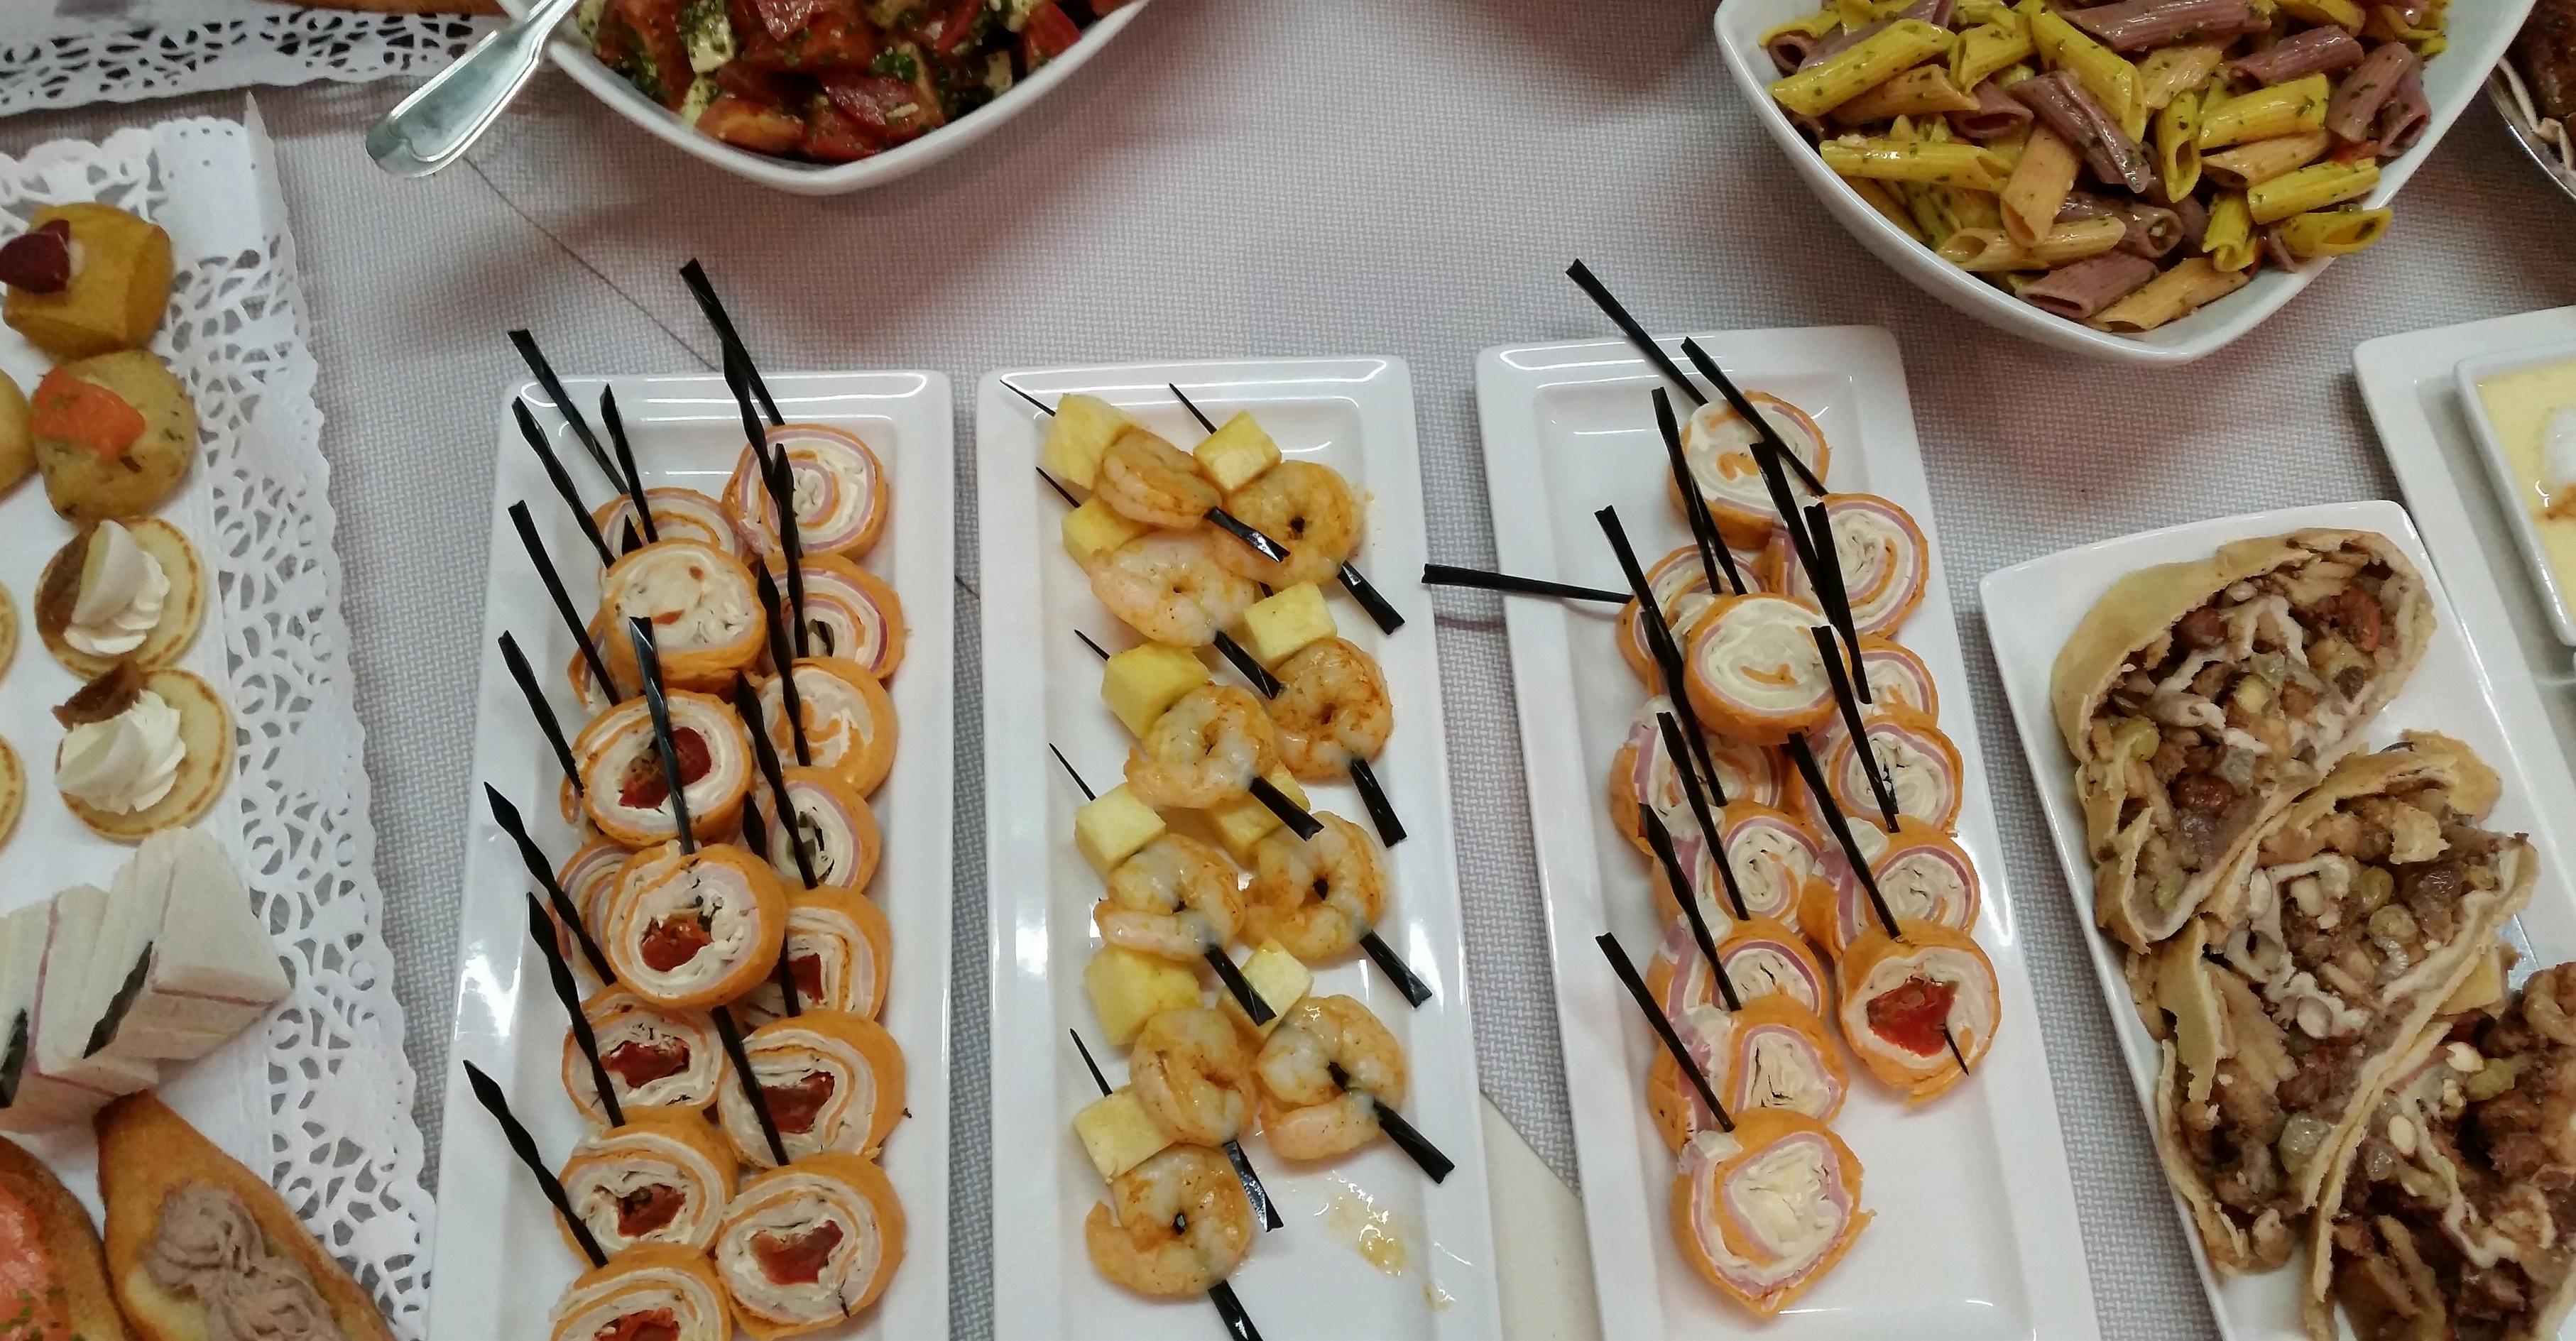 brunch-bouclier-or-strasbourg-miss-elka-buffet-salé